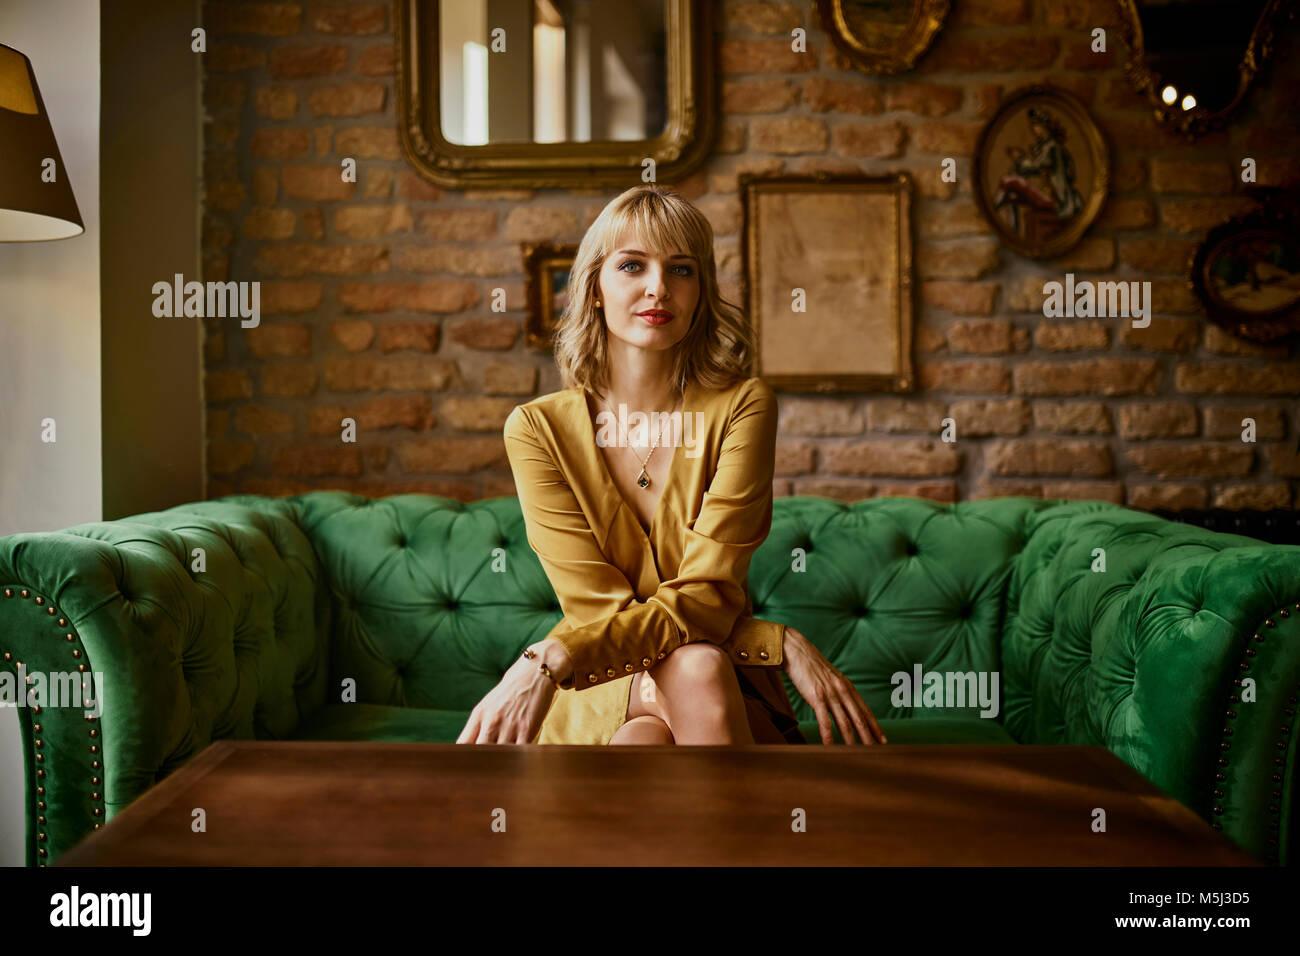 Ritratto di eleganti donna seduta su un divano Immagini Stock